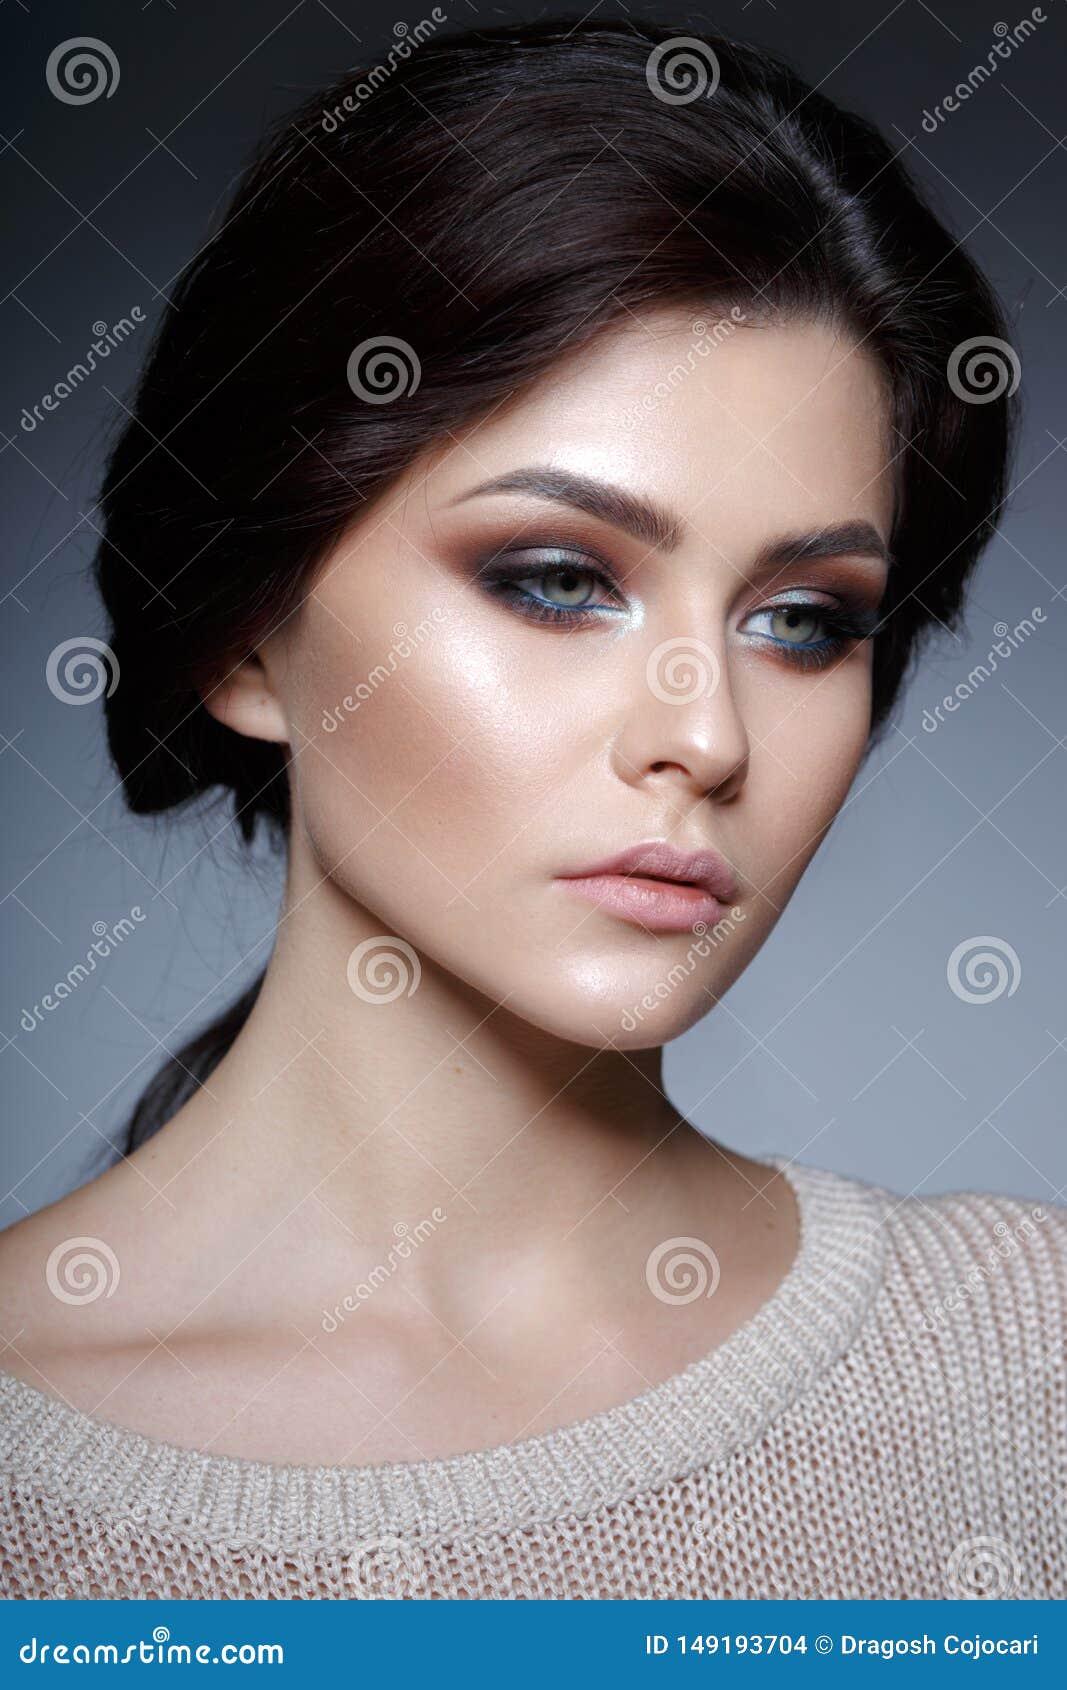 Nahes hohes Profilportr?t einer w?rdevollen jungen Frau mit perfektem Make-up und frischer Haut, auf einem grauen Hintergrund